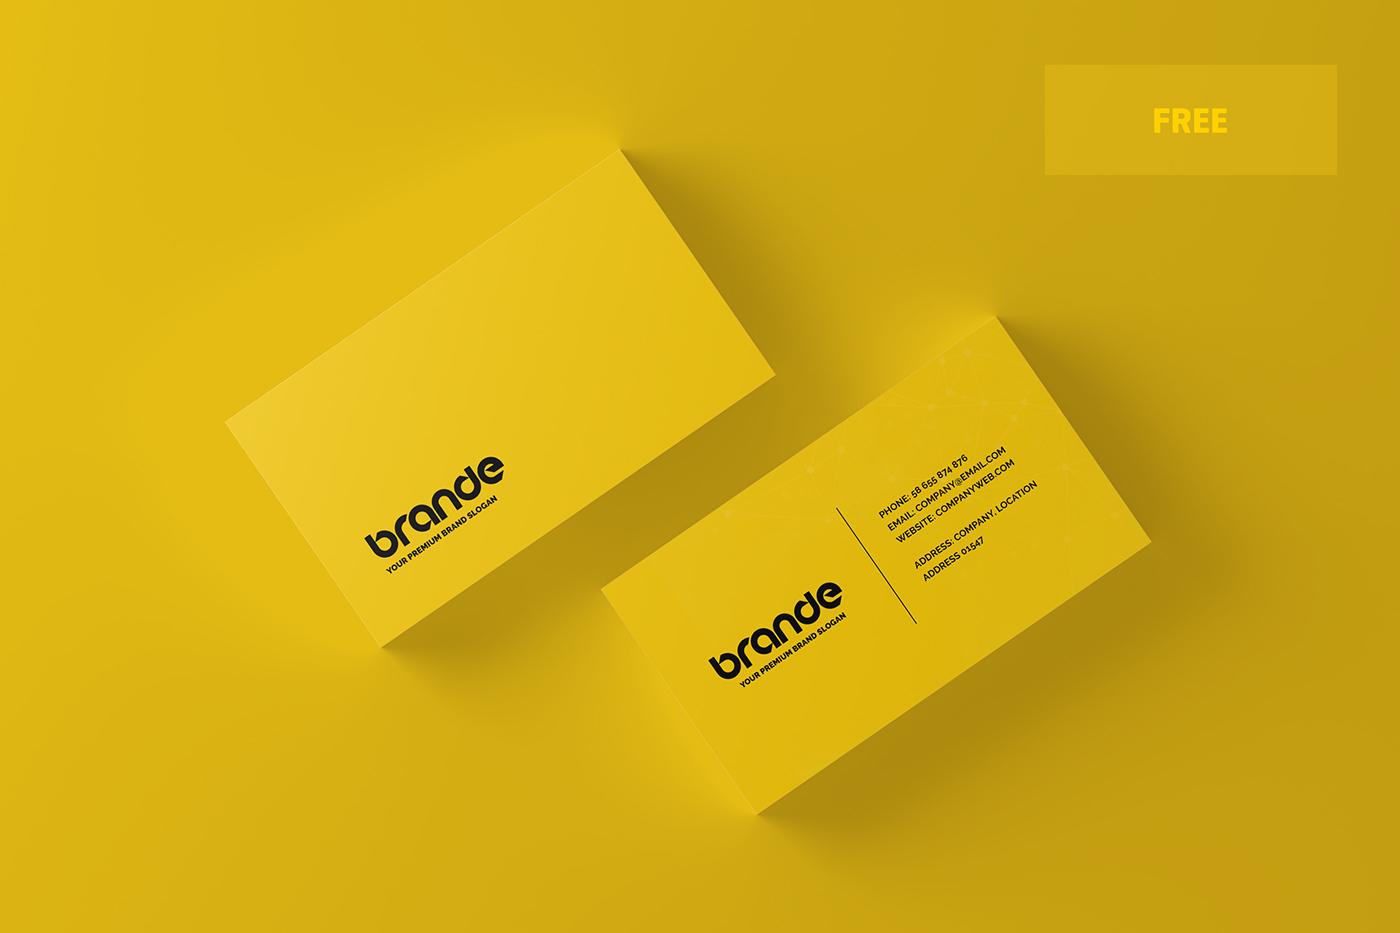 free freebie business card Mockup mockups mock-up mock-ups presentation 3D